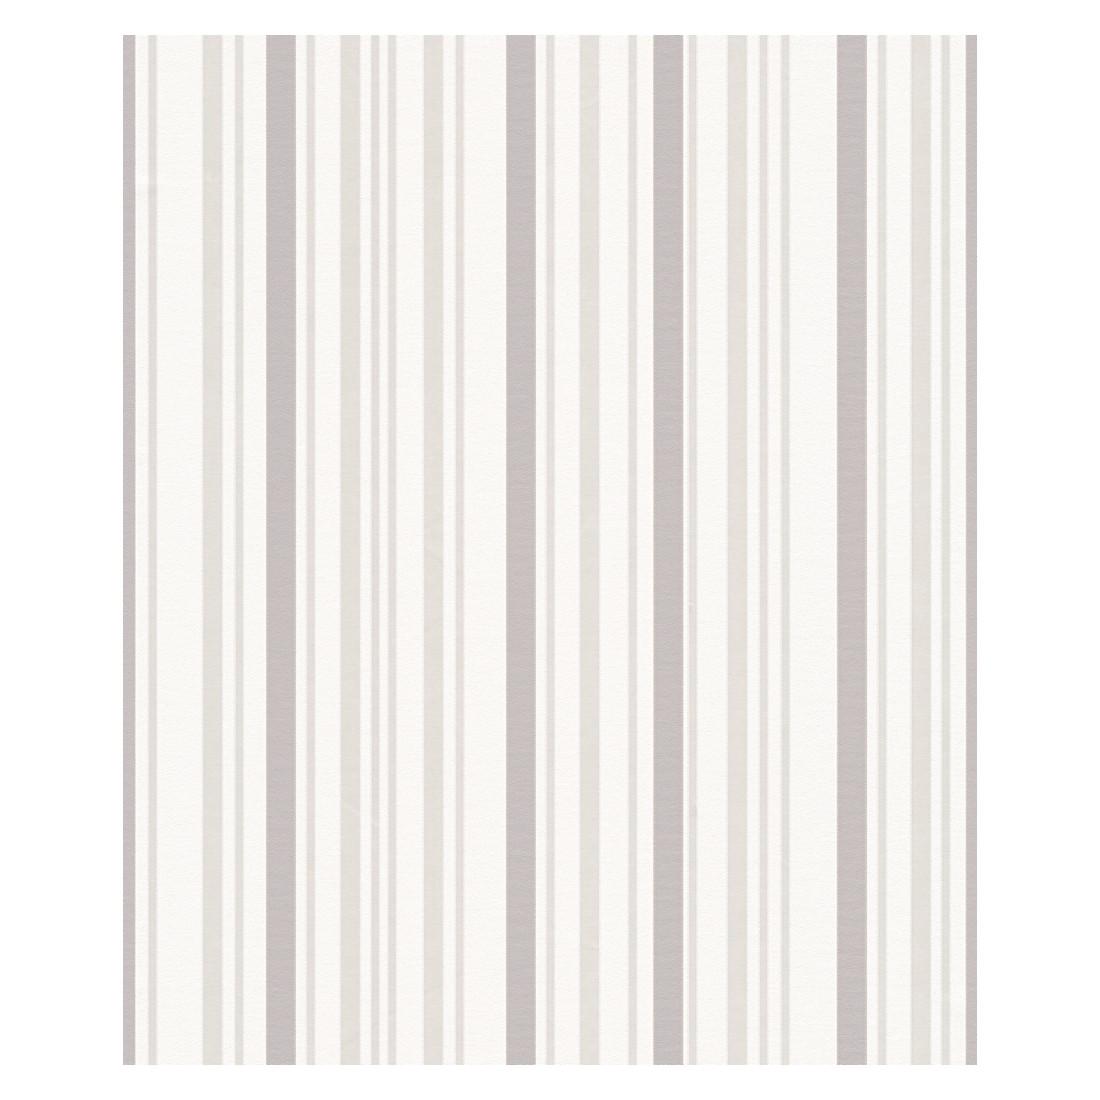 vliestapete naf naf beige braun creme strukturiert. Black Bedroom Furniture Sets. Home Design Ideas